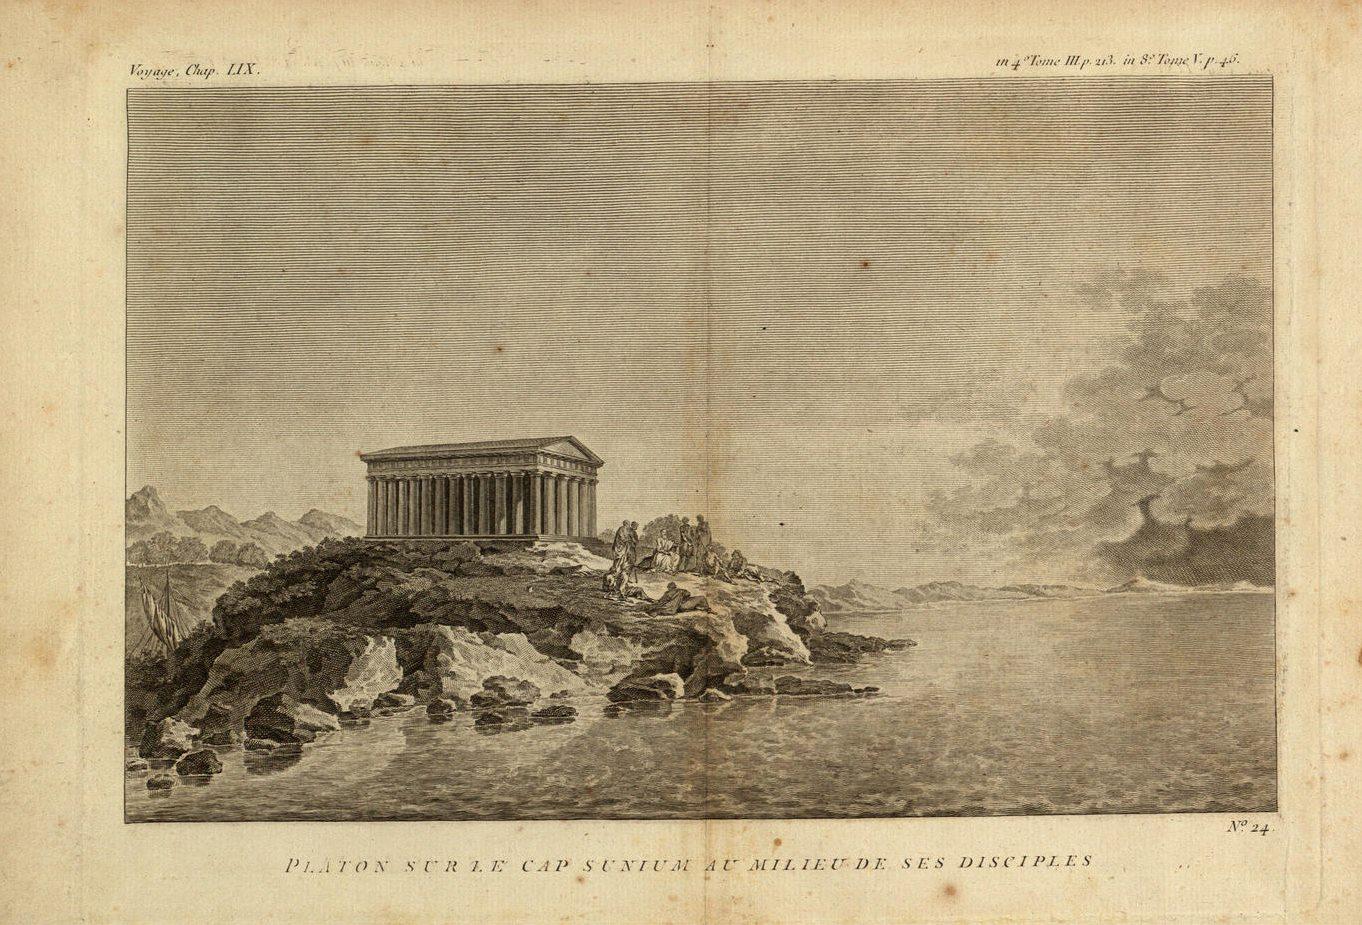 Platon sur le Cap Sunium au milieu de ses disciples. Plato on Cape Sunium among his disciples.